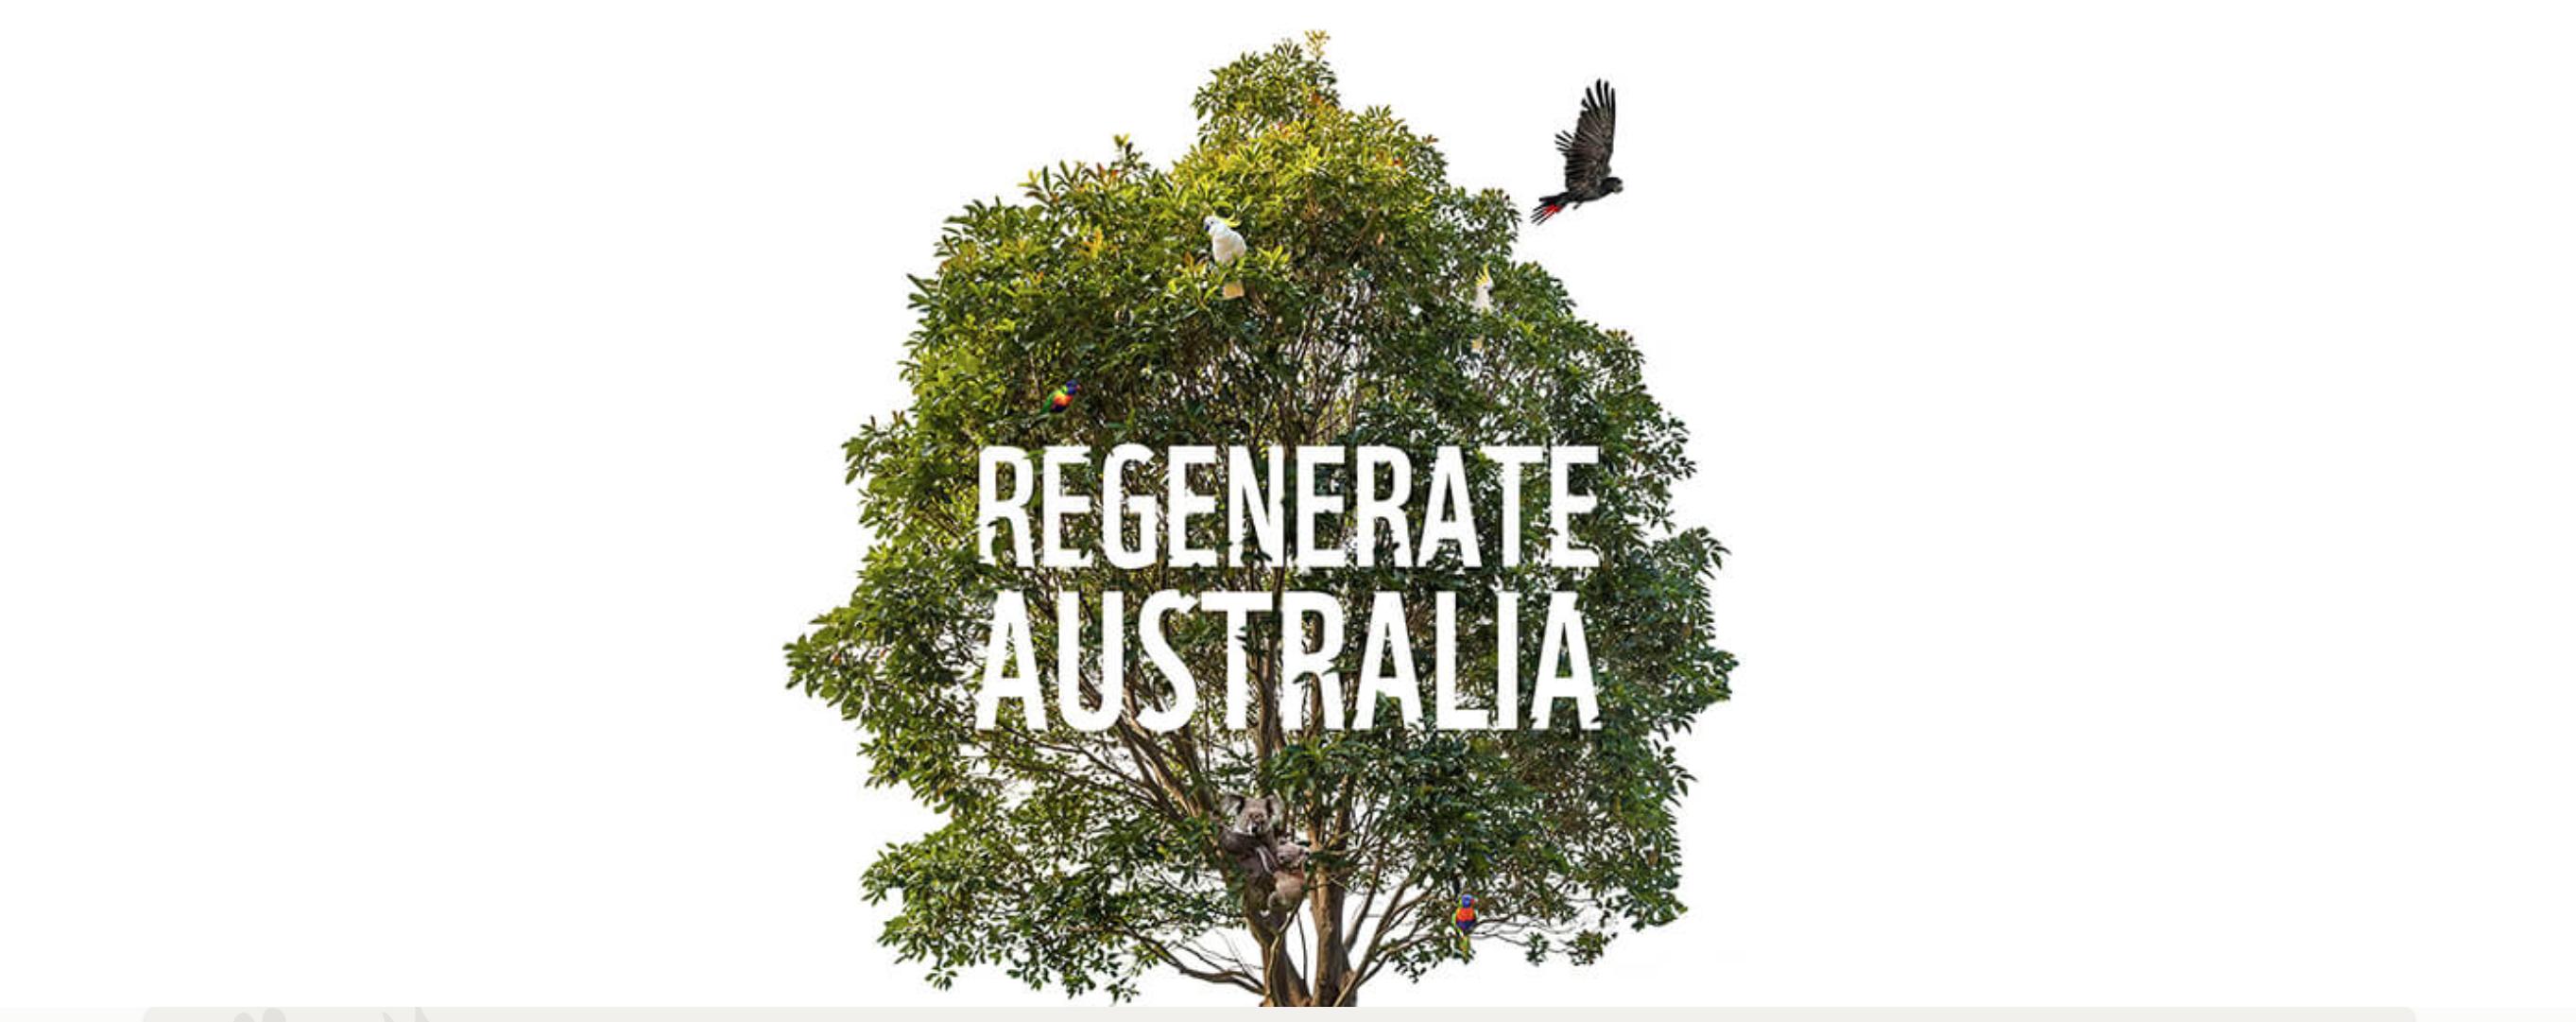 Regenerate Australia